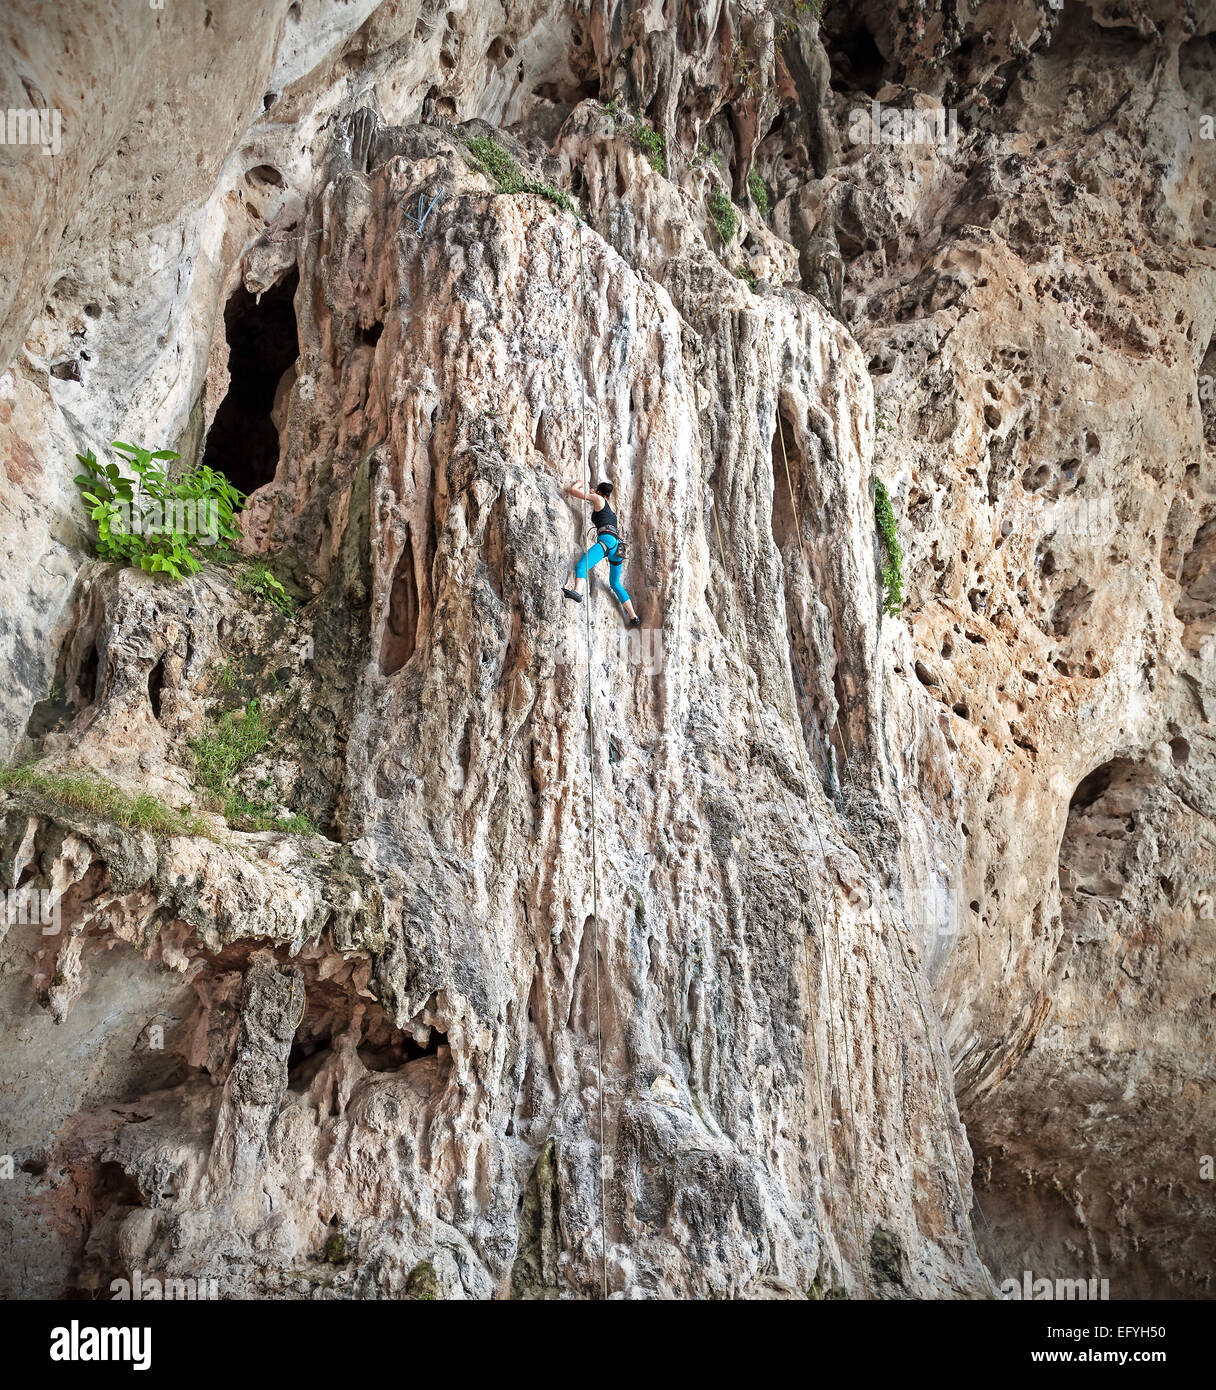 Giovani femmine rocciatore sulla parete incredibile, Railay Beach in Thailandia. Immagini Stock